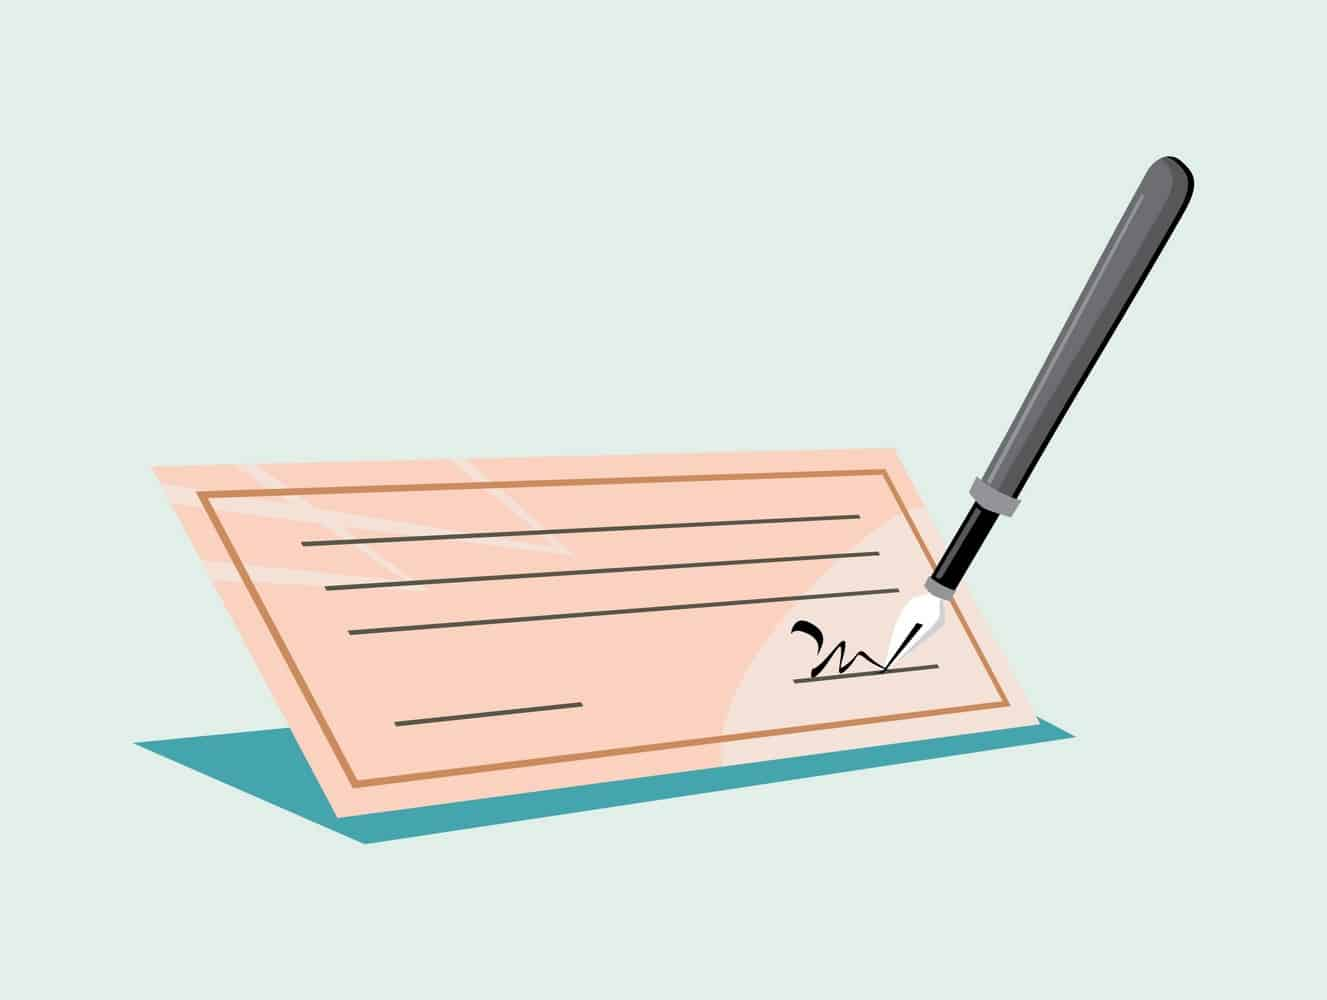 Le chèque de services ou CAP